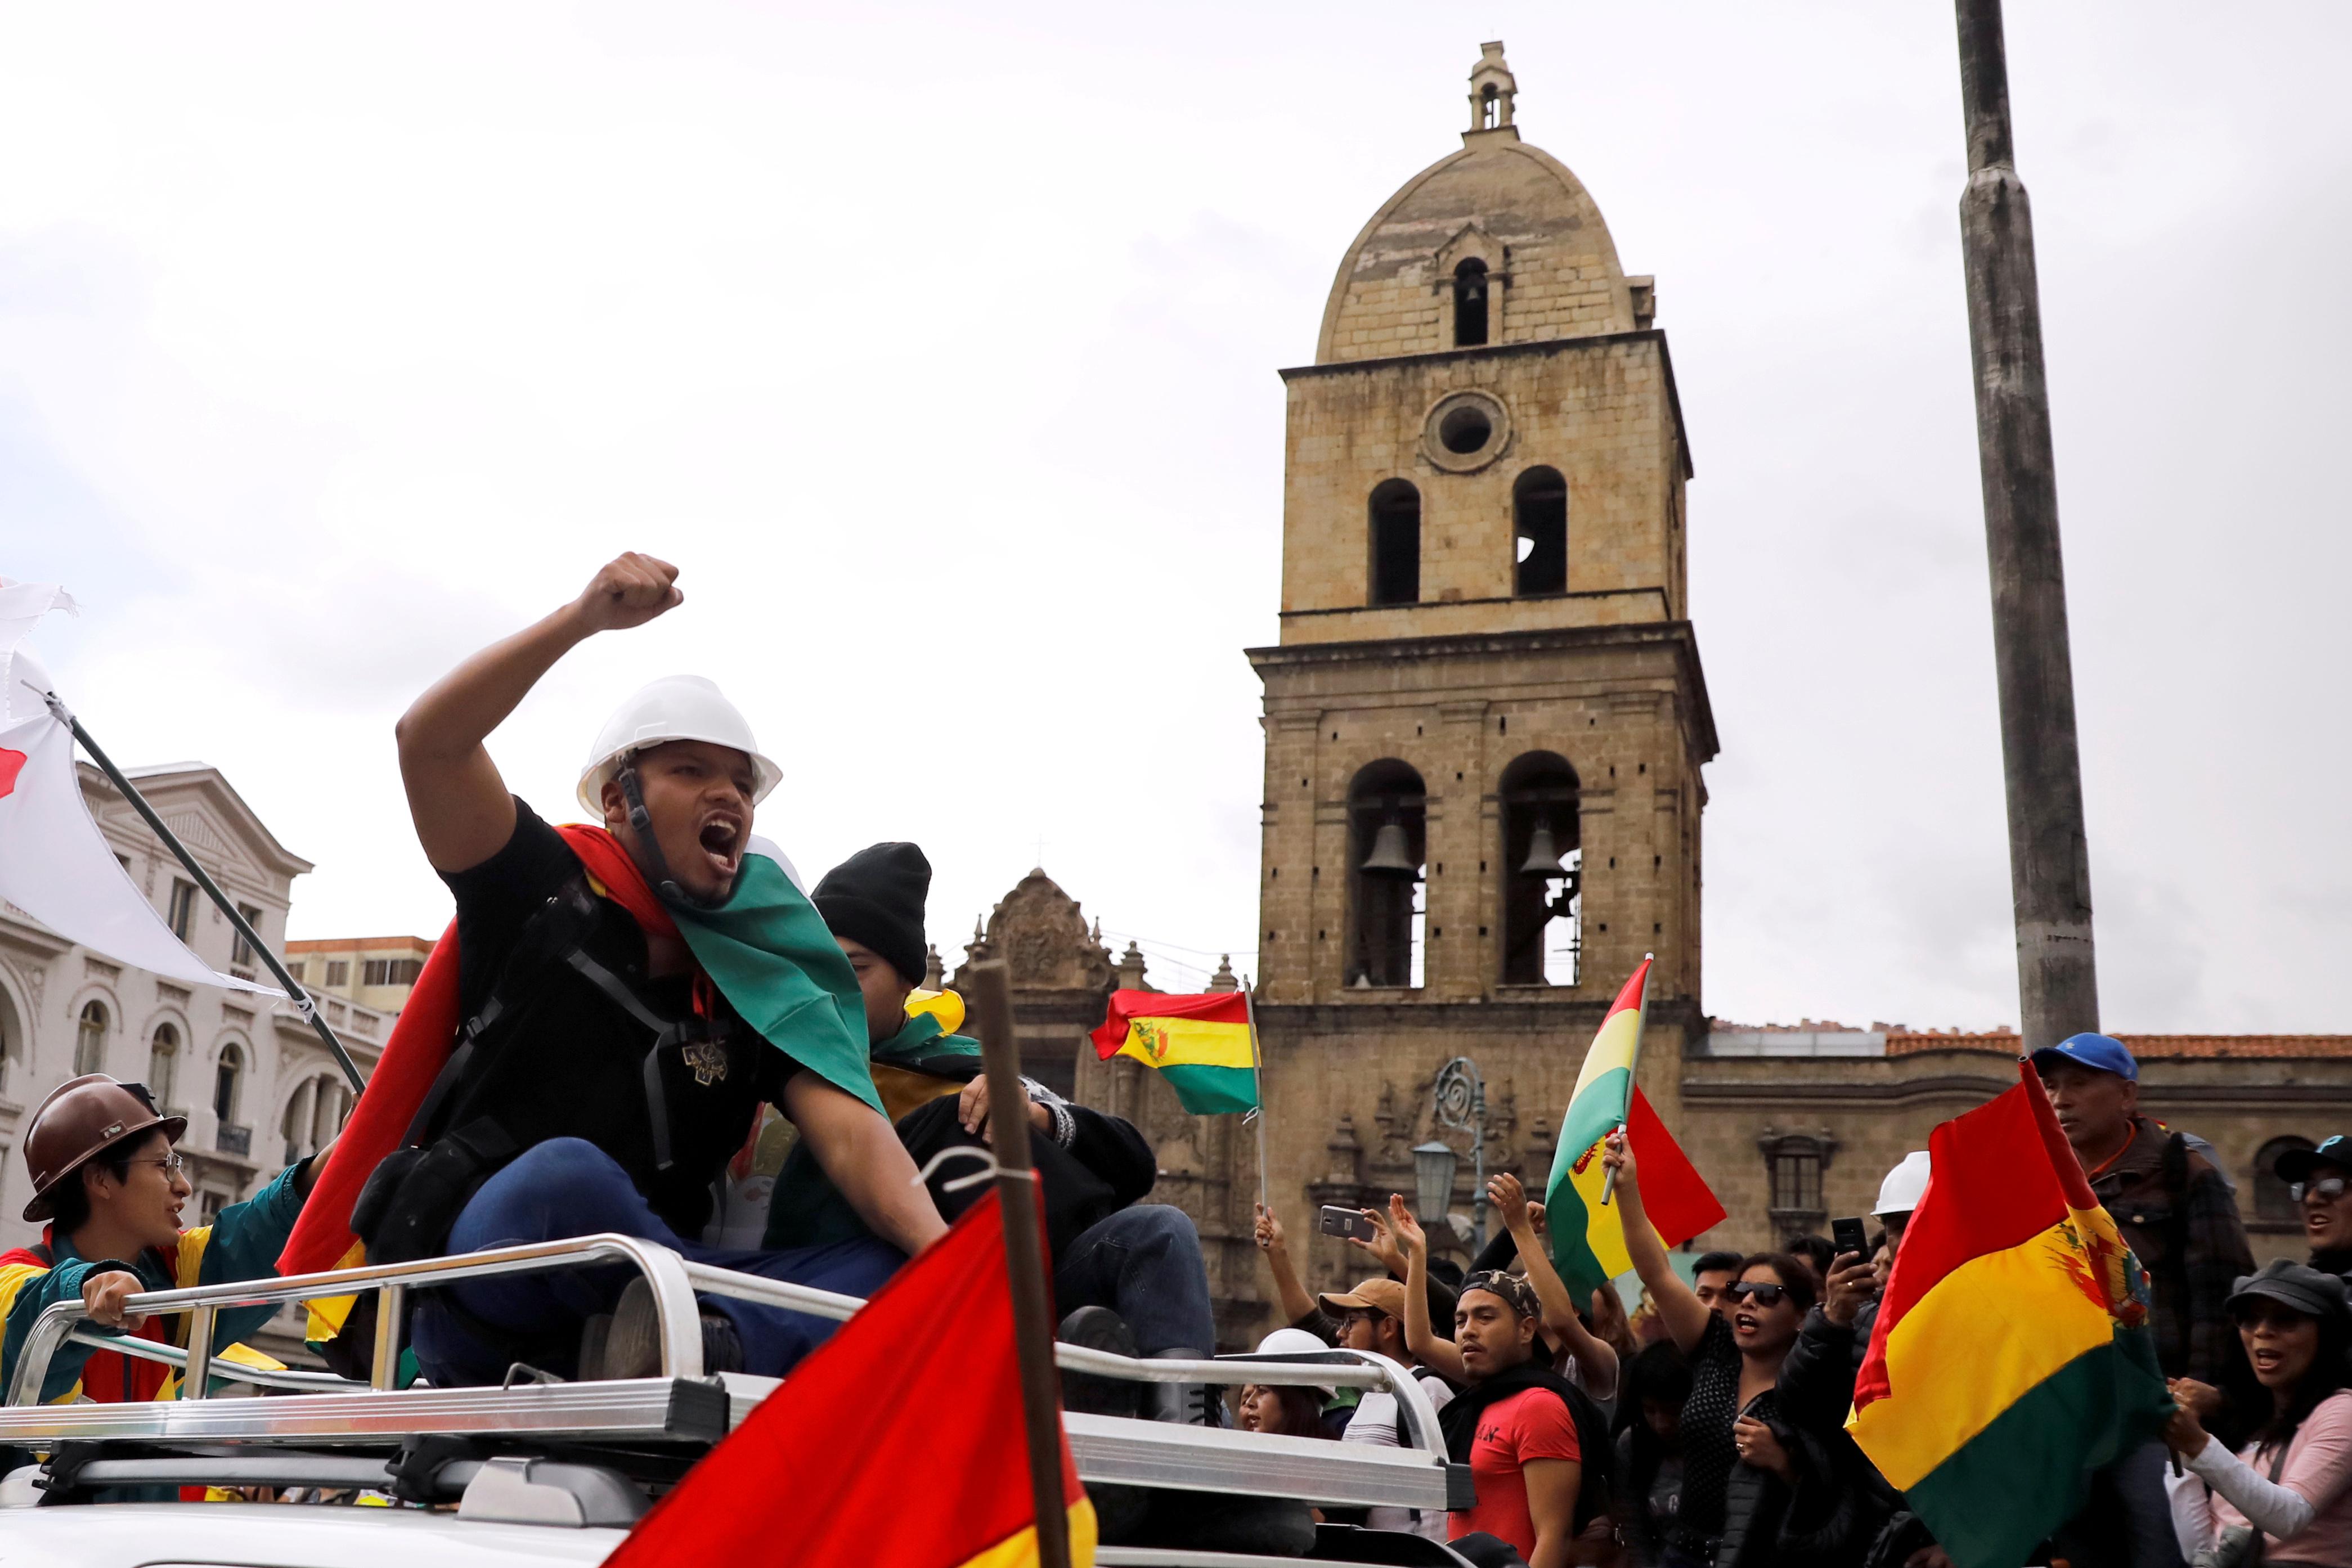 El comandante en jefe de las Fuerzas Armadas había aclarado que los militares no reprimirían a los manifestantes.